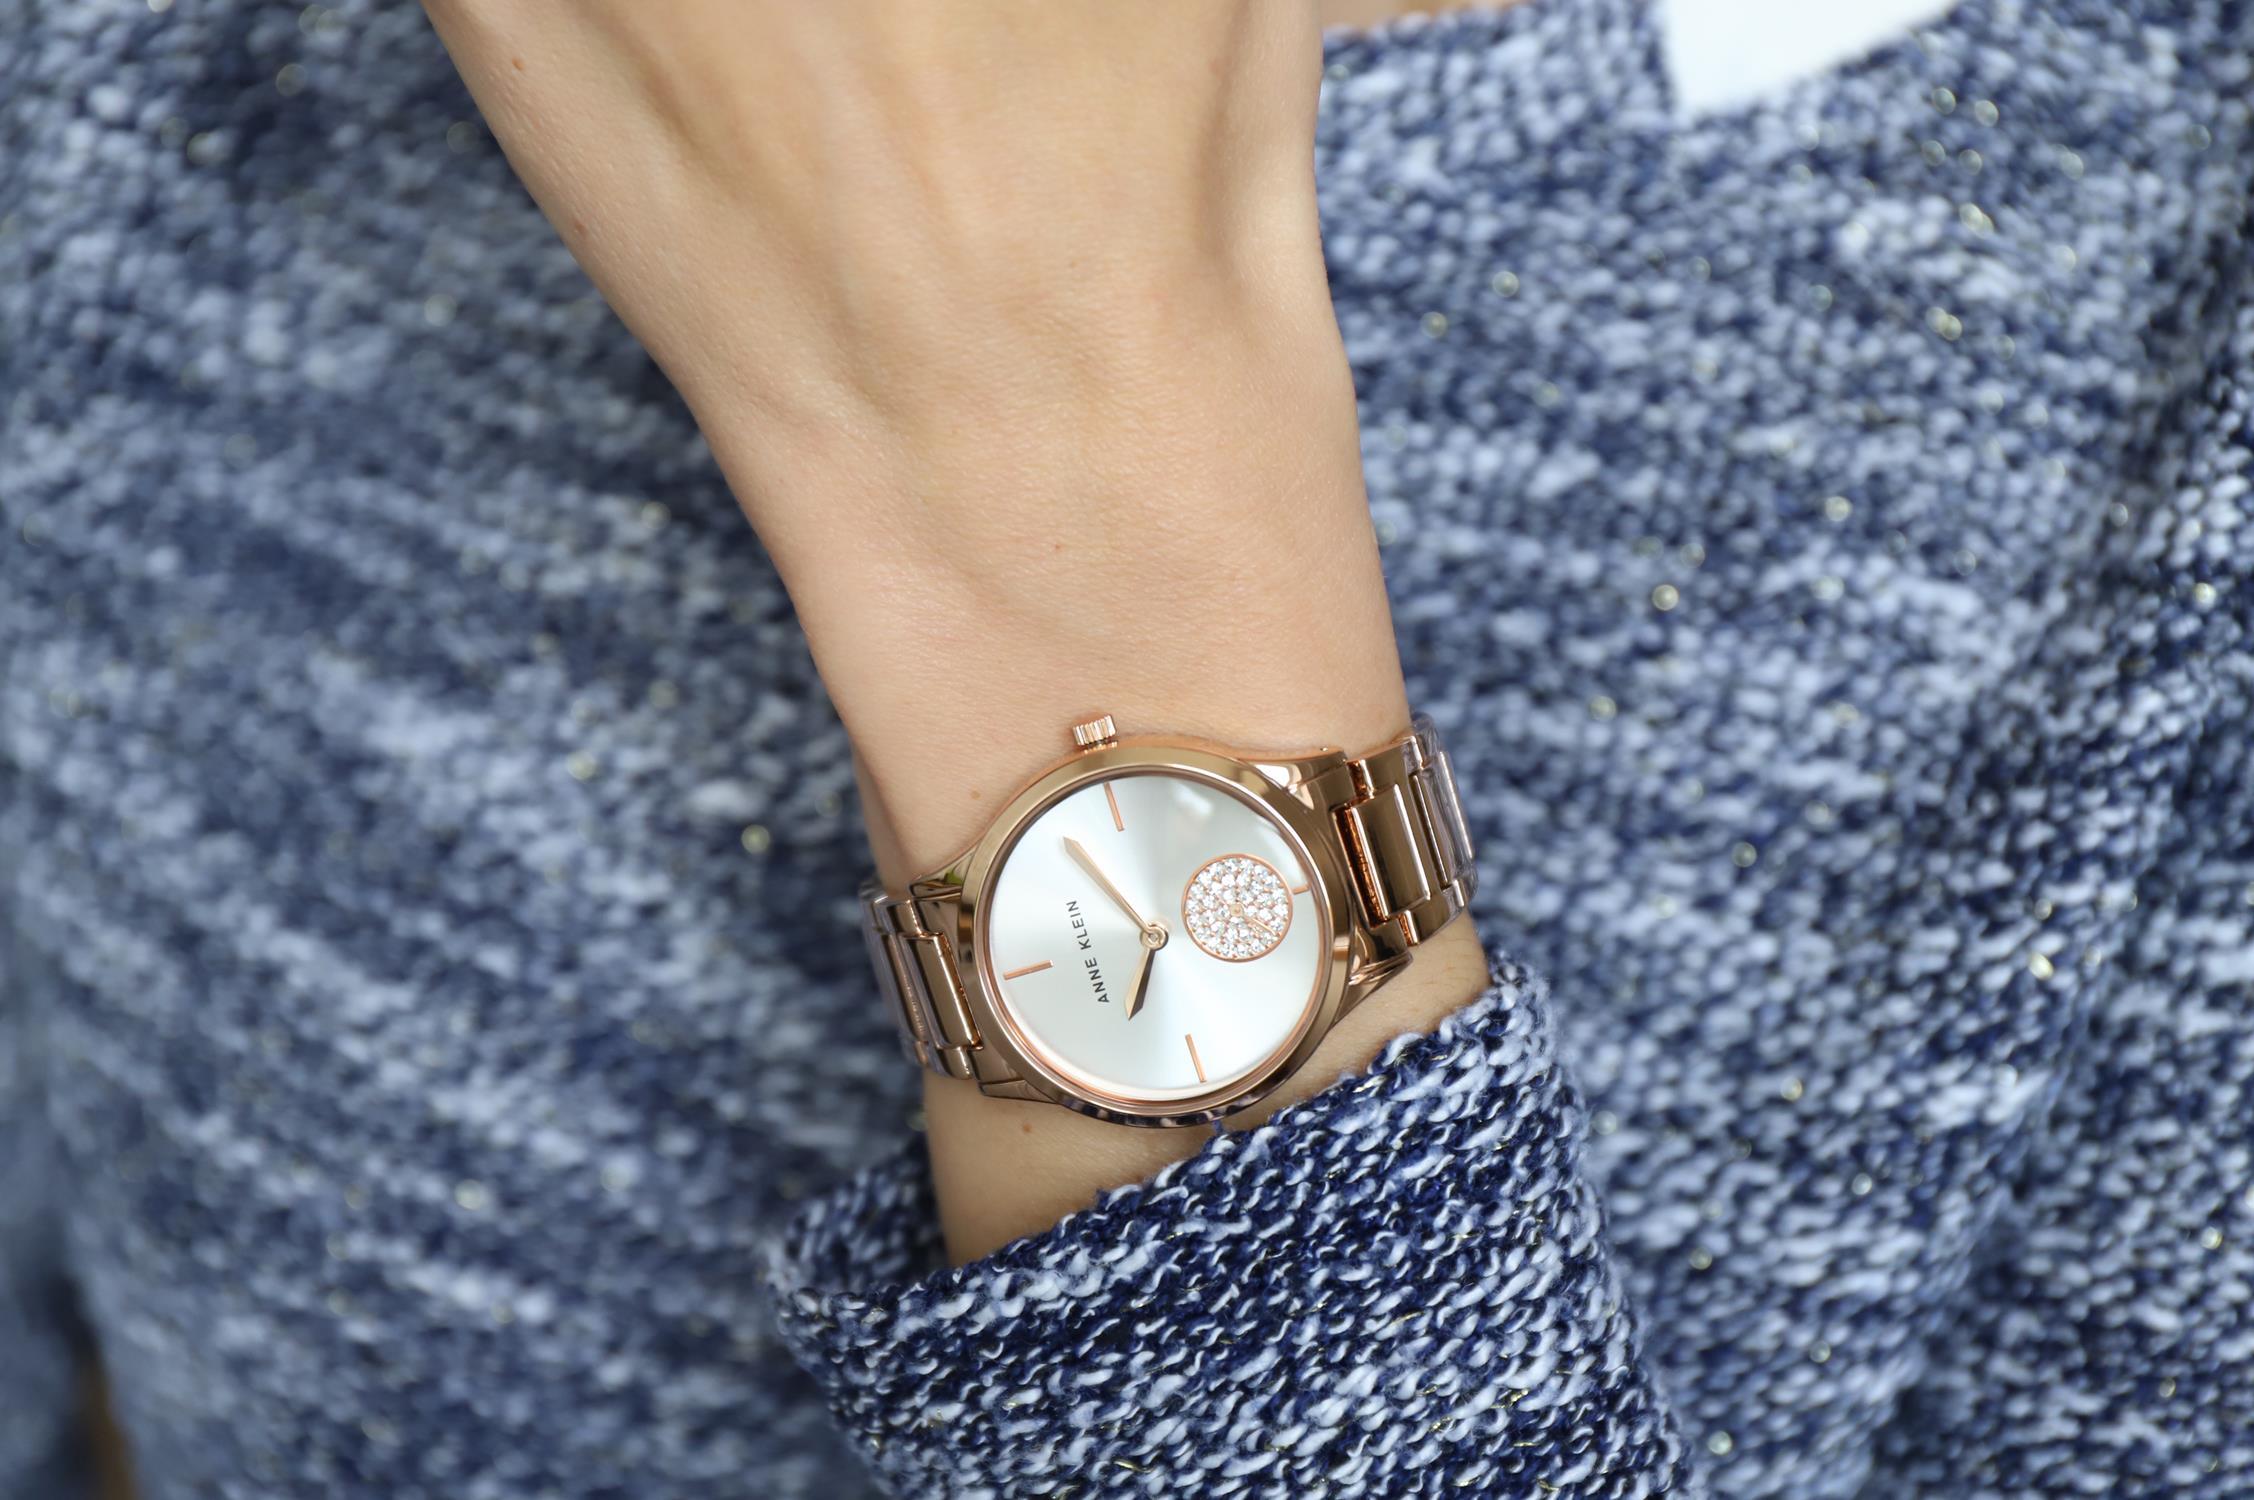 Anne Klein AK-3416SVRG zegarek różowe złoto klasyczny Bransoleta bransoleta